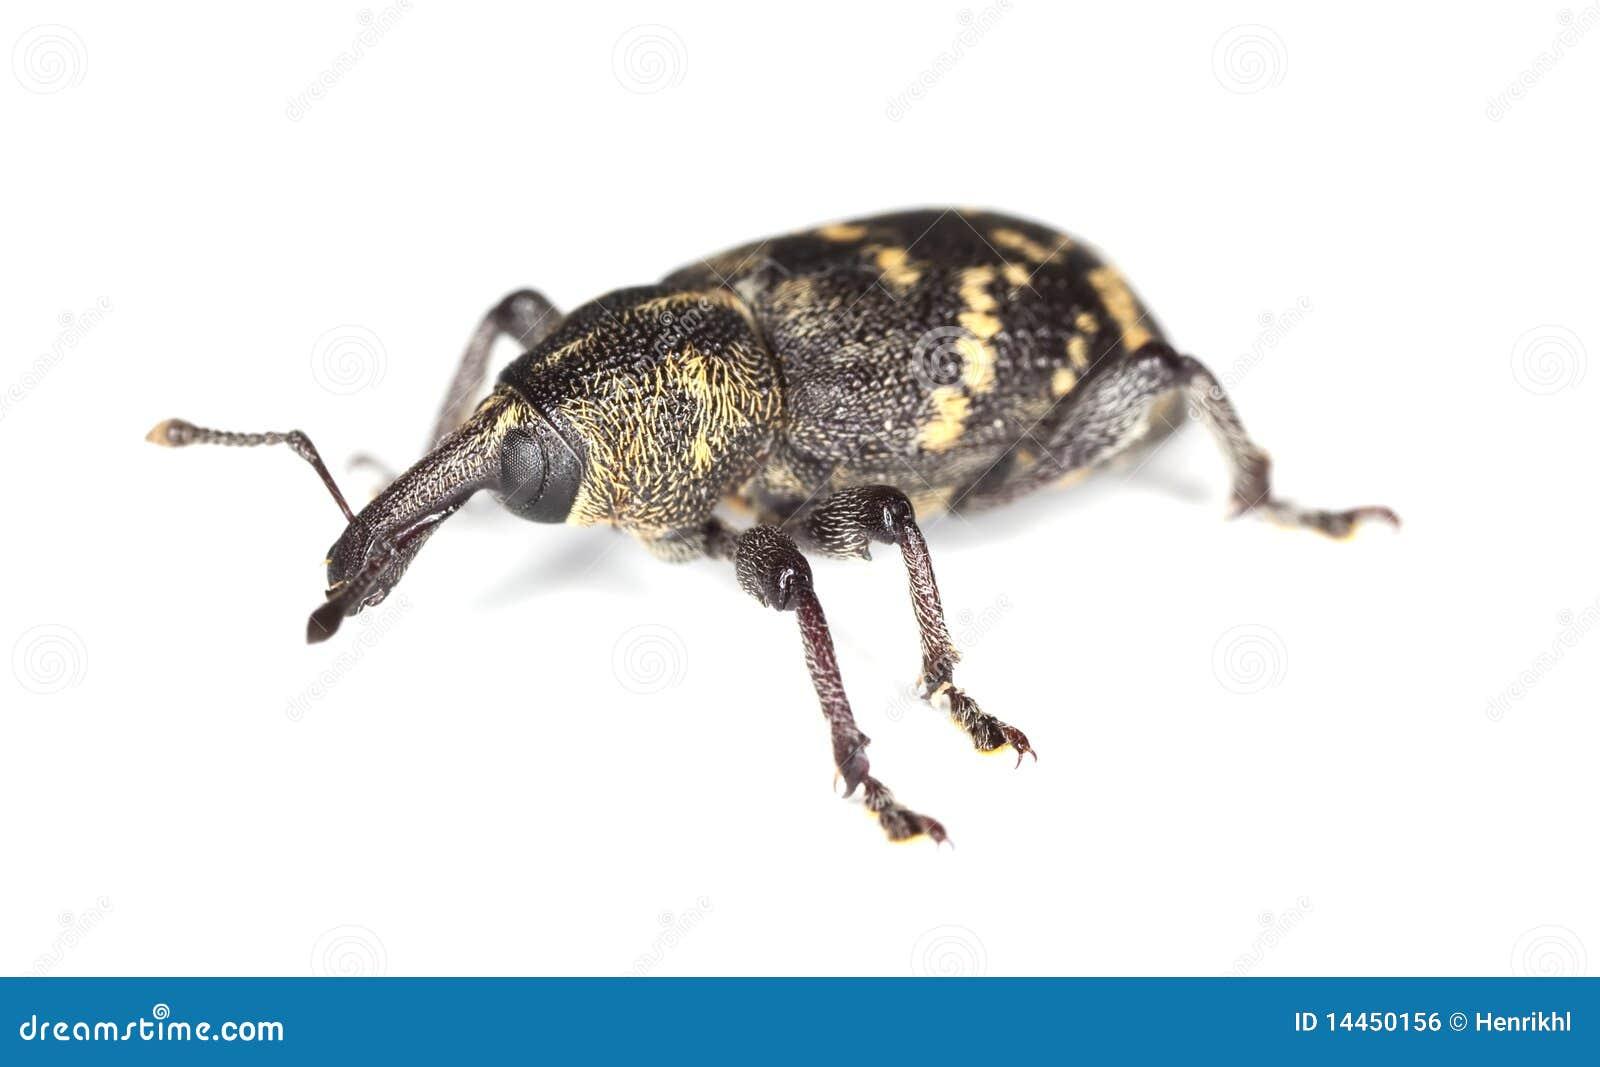 Snout beetle (Hylobius abietis)